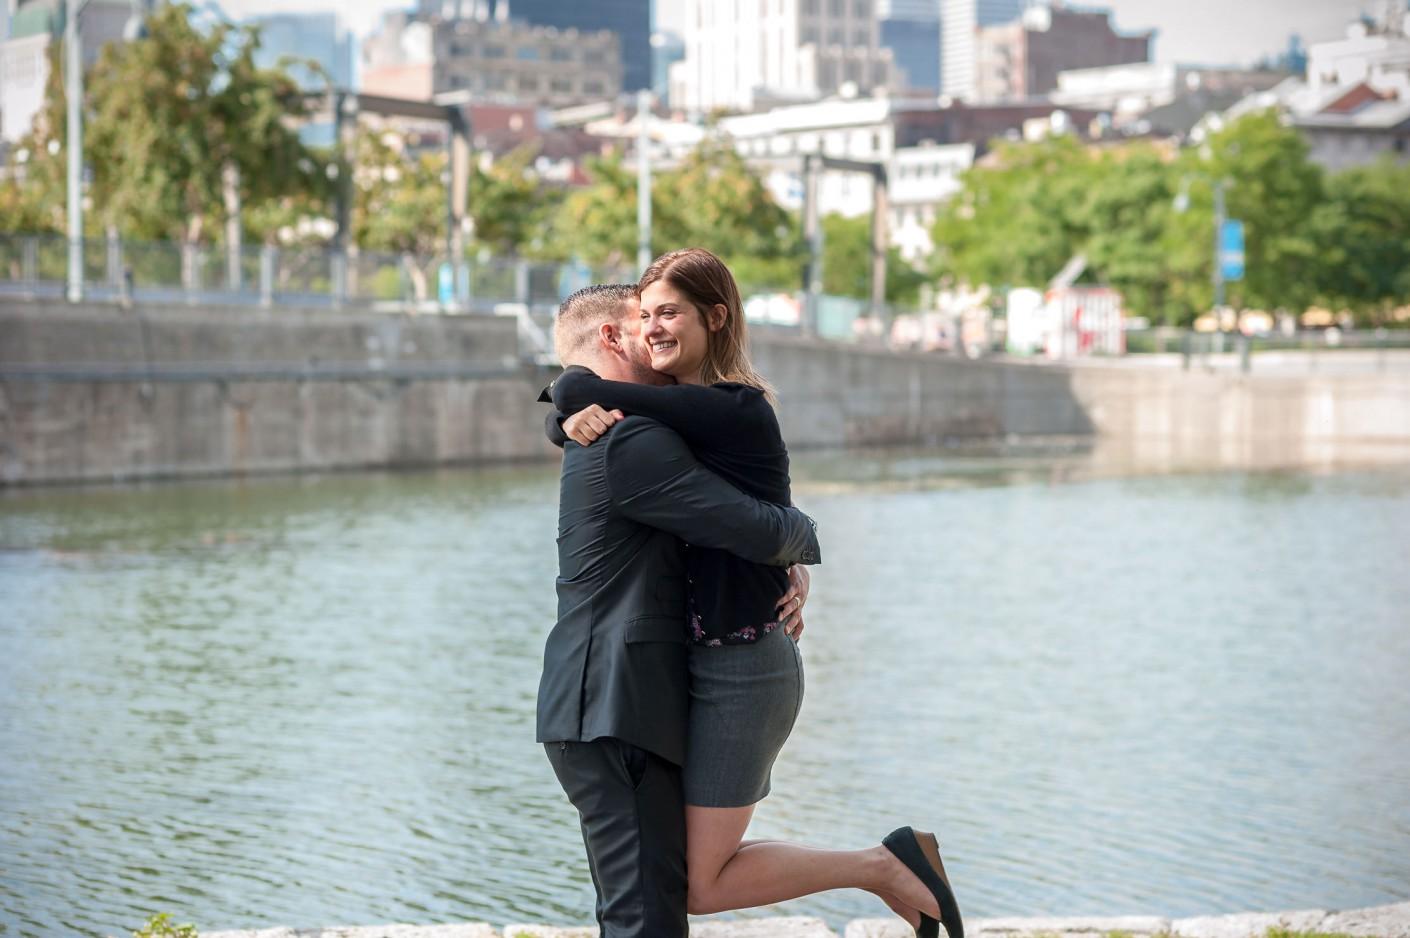 Fiancailles : Elle dit oui !!! -, KW: Engagement, Mariage